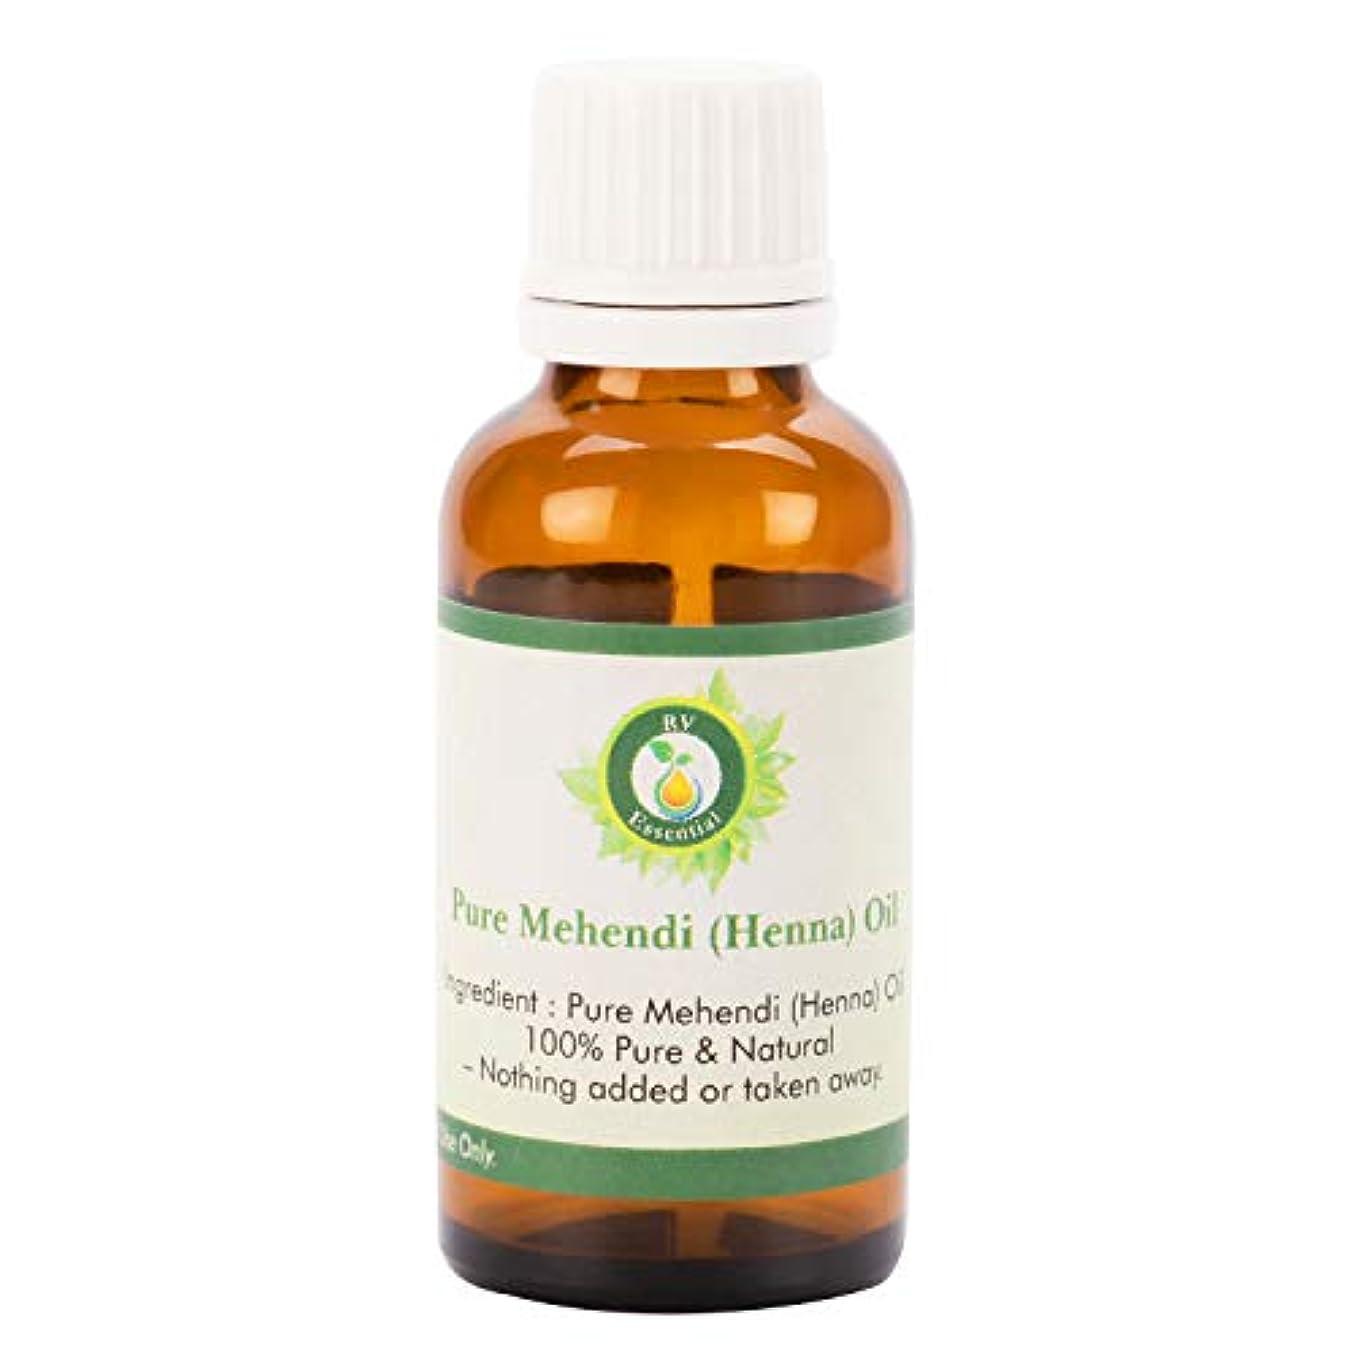 命題巨大人生を作るピュアMehendi(ヘナ)オイル100ml (3.38oz)- (100%純粋でナチュラル) Pure Mehendi (Henna) Oil